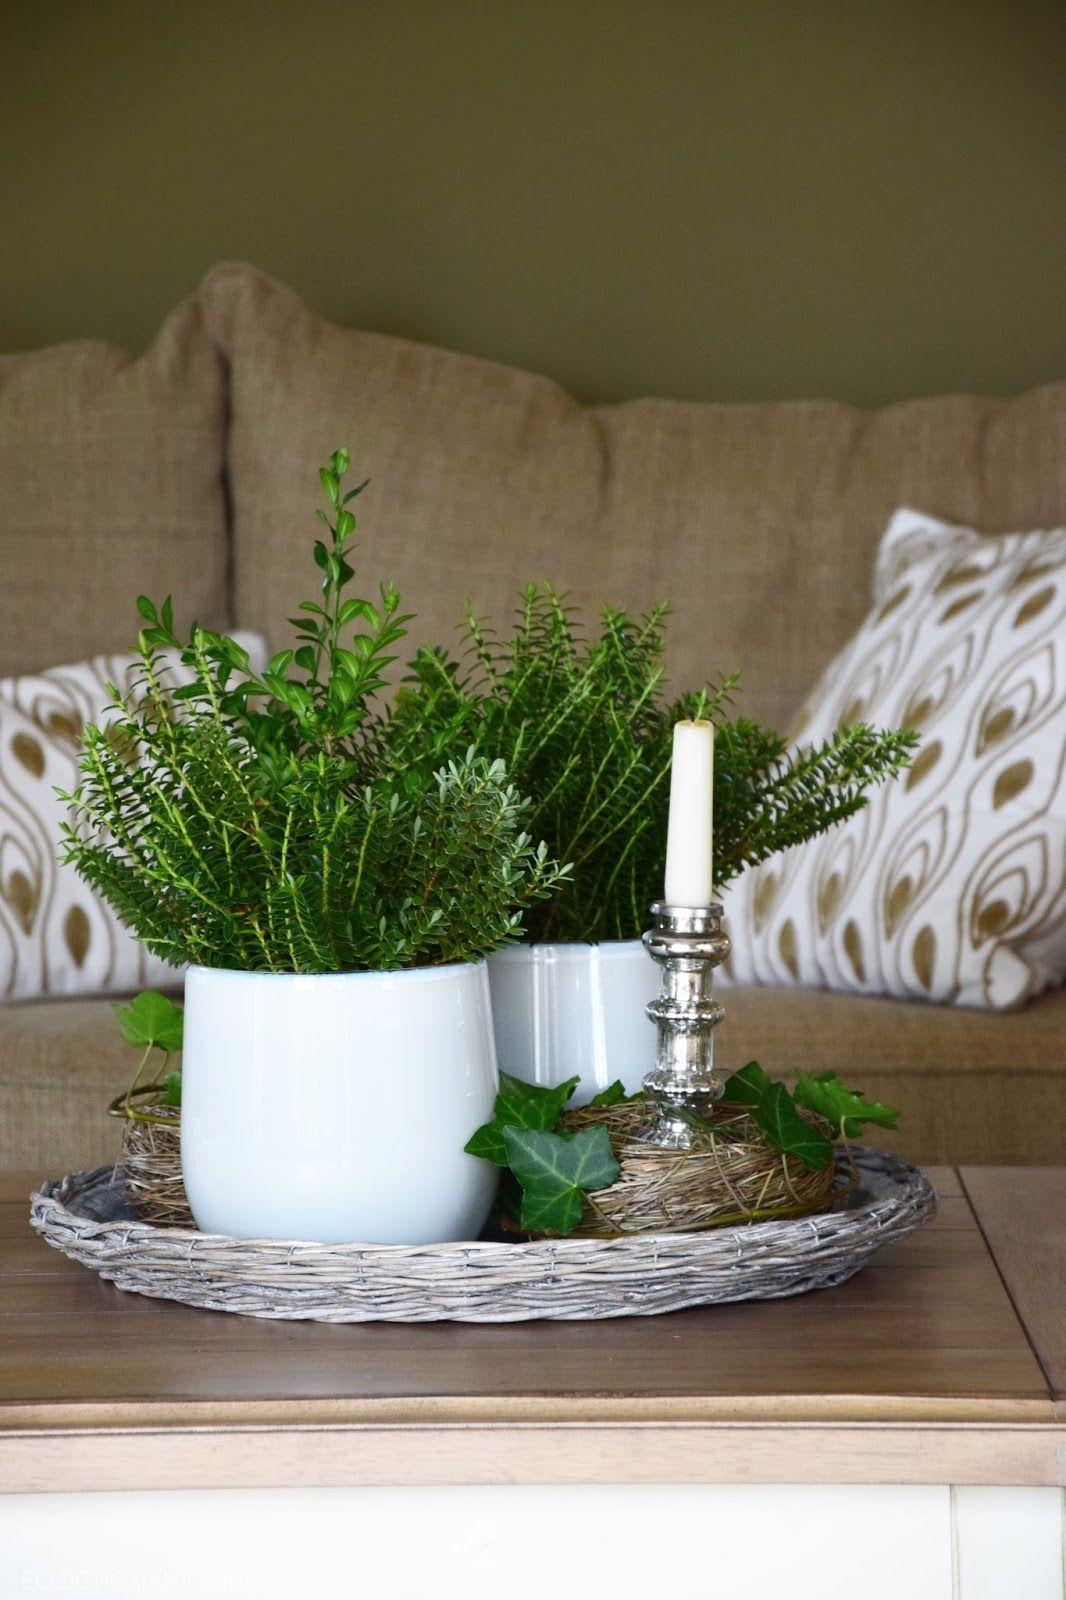 deko fur wohnzimmertisch, schnelle immergrüne deko für den wohnzimmertisch | mein blog, Design ideen